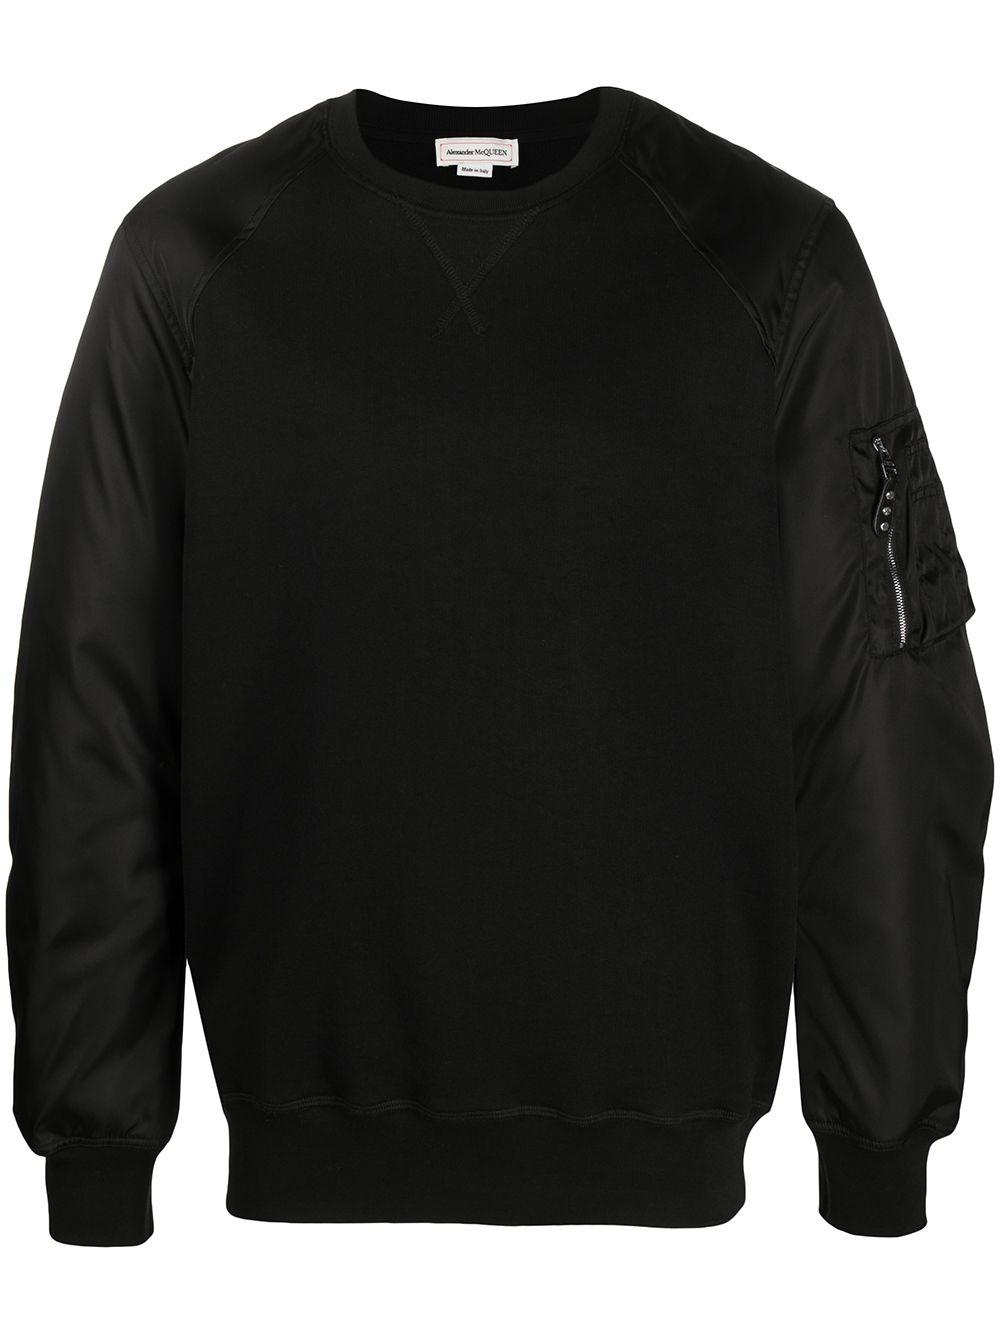 Alexander McQueen Sweatshirt mit Reißverschlusstasche - Schwarz